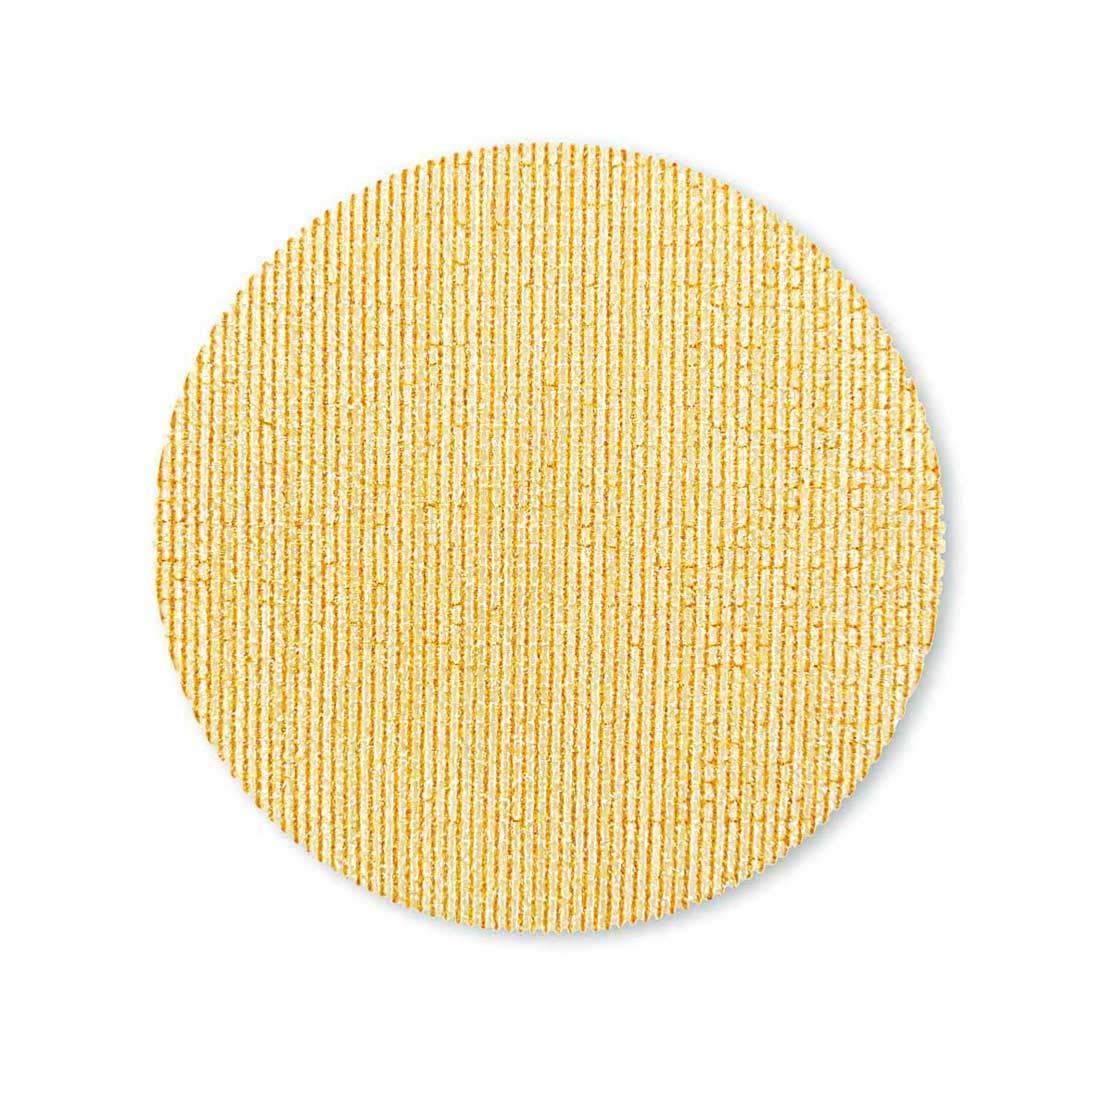 5 MENZER Klett-Schleifscheiben Trockenbauschleifer 225 mm K40-400